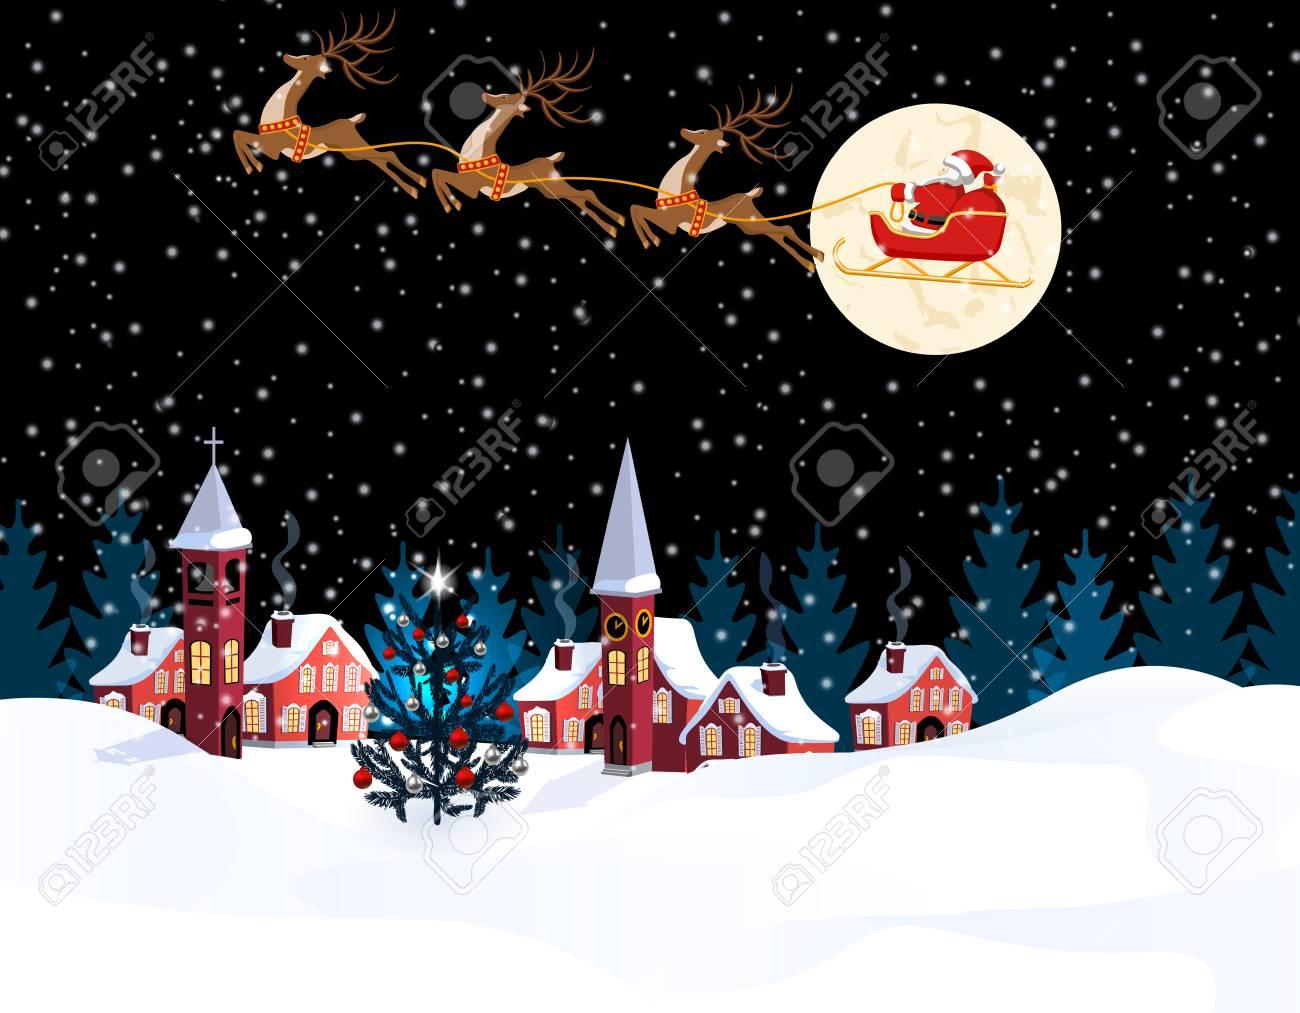 Capodanno A Casa Di Babbo Natale.Immagini Stock Natale Di Capodanno Un Immagine Di Babbo Natale E